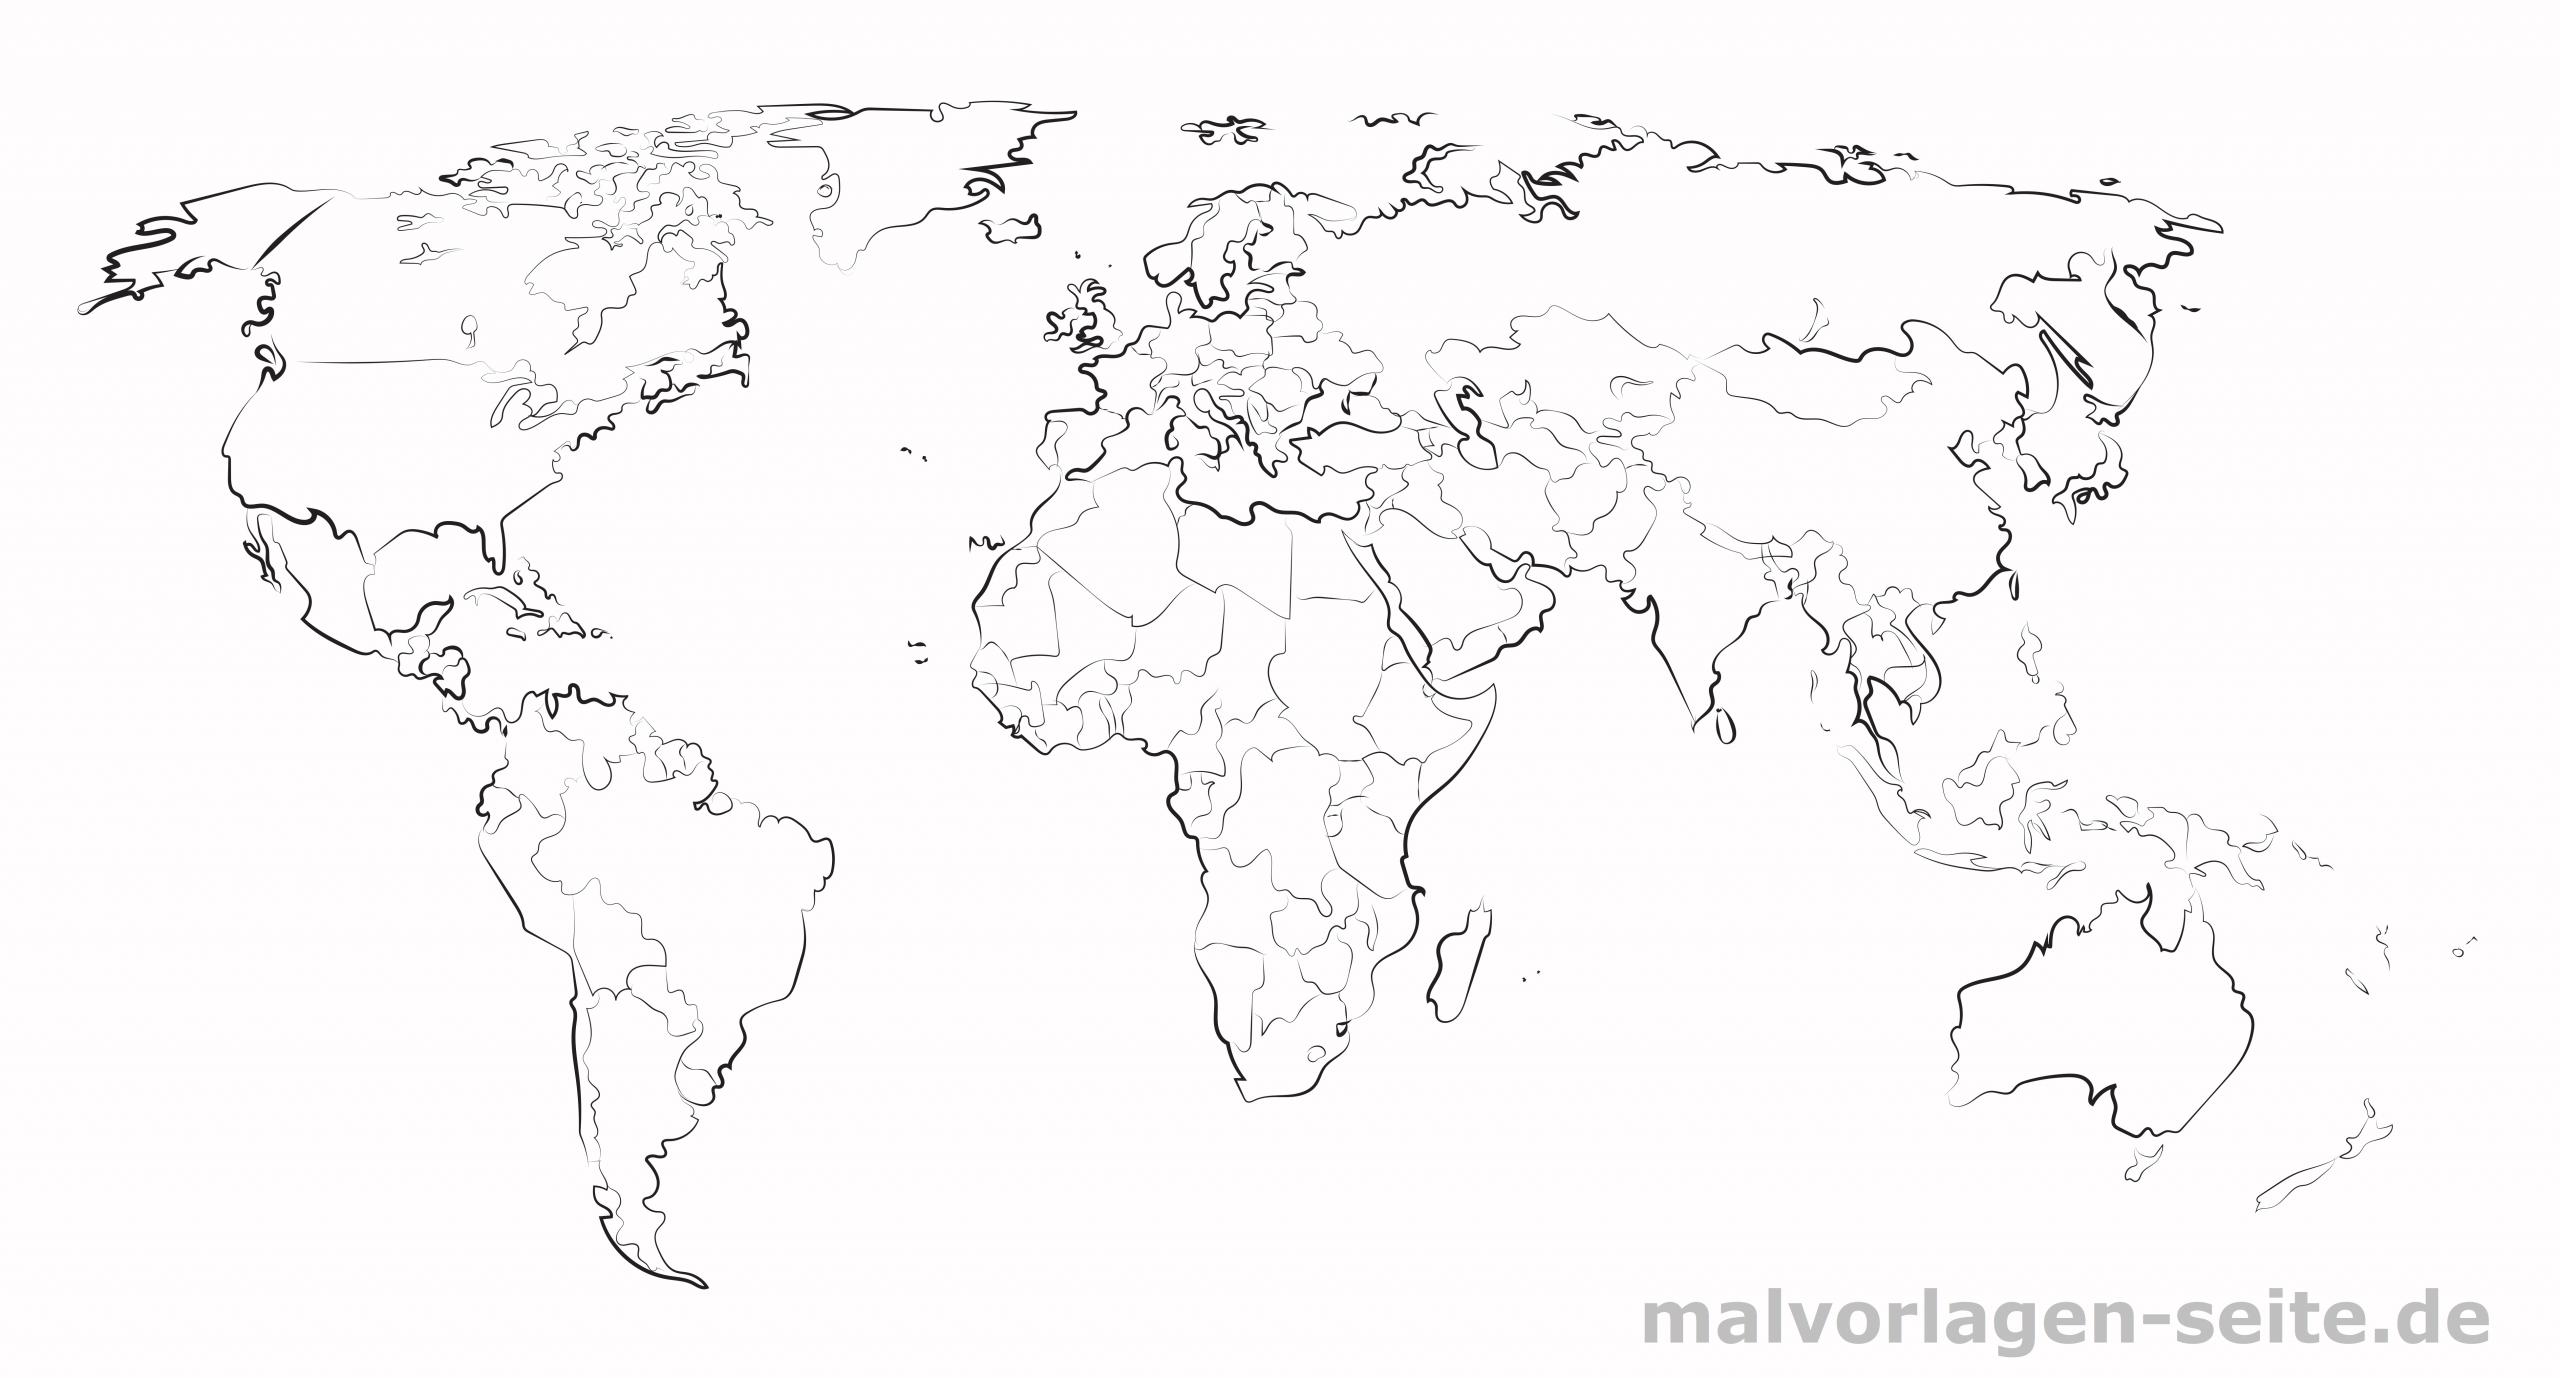 Große Weltkarte Zum Ausdrucken Und Selber Gestalten in Karten Zum Ausdrucken